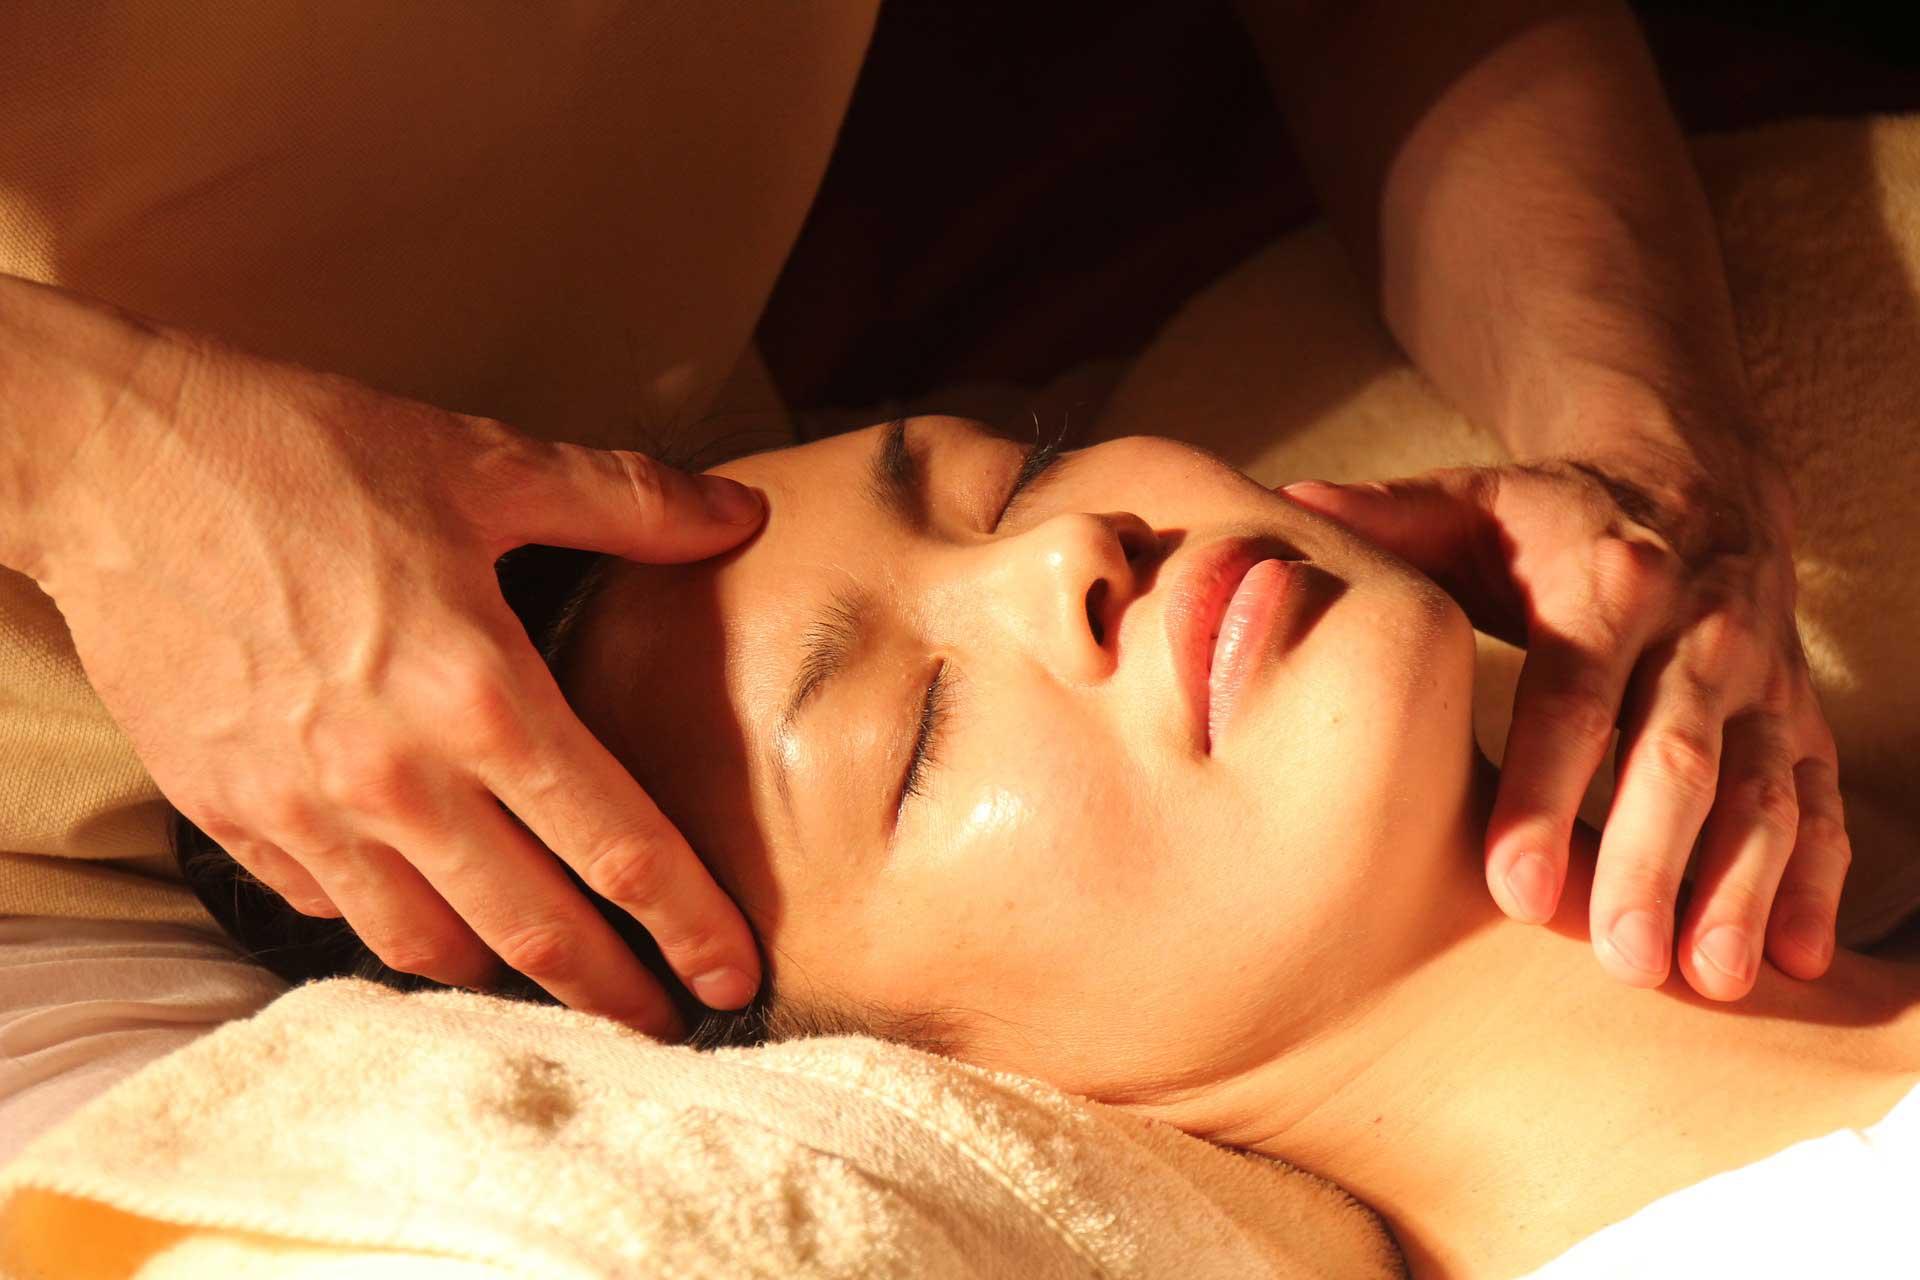 masajes relajantes, masajes antiestrés, masajes faciales relajantes. Libera tu estrés y disfruta de tu masaje en el centro Sedatio Bienestar en Chamberí, madrid centro